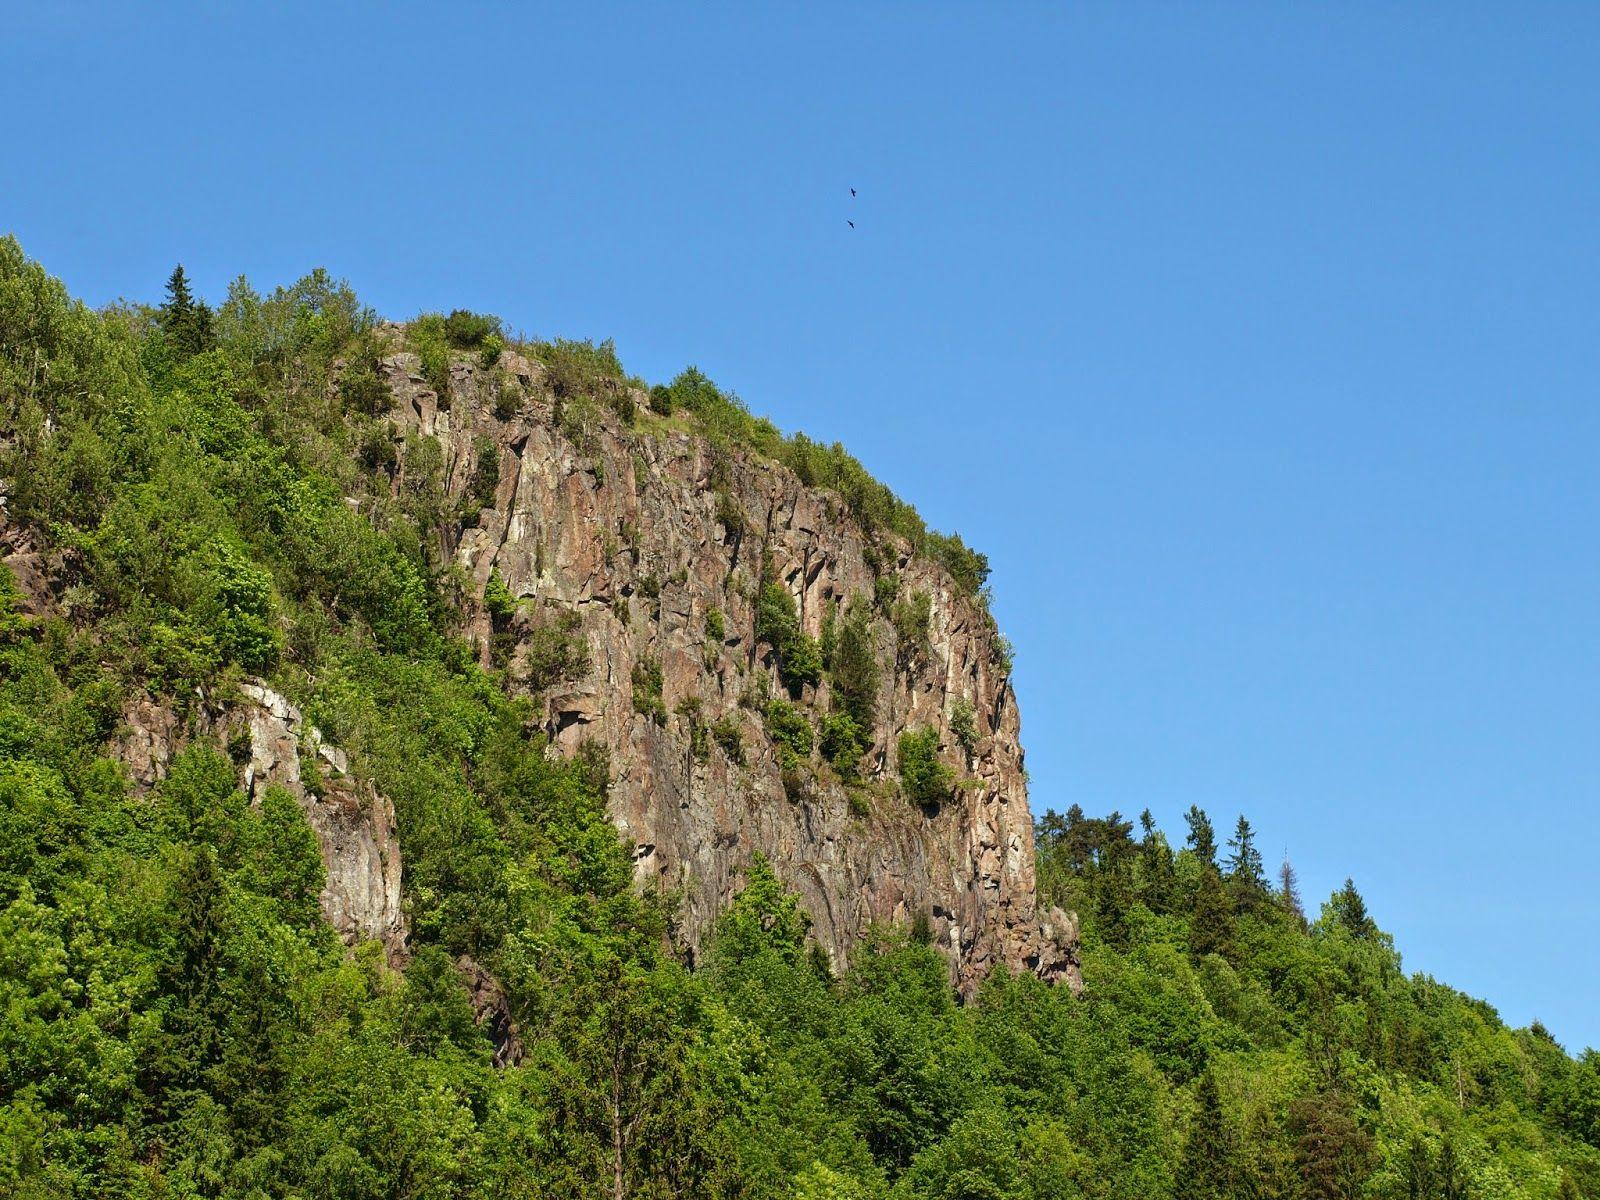 Rauhasi Luonto Luontosi Rauha: Elämän ensimmäinen vuori